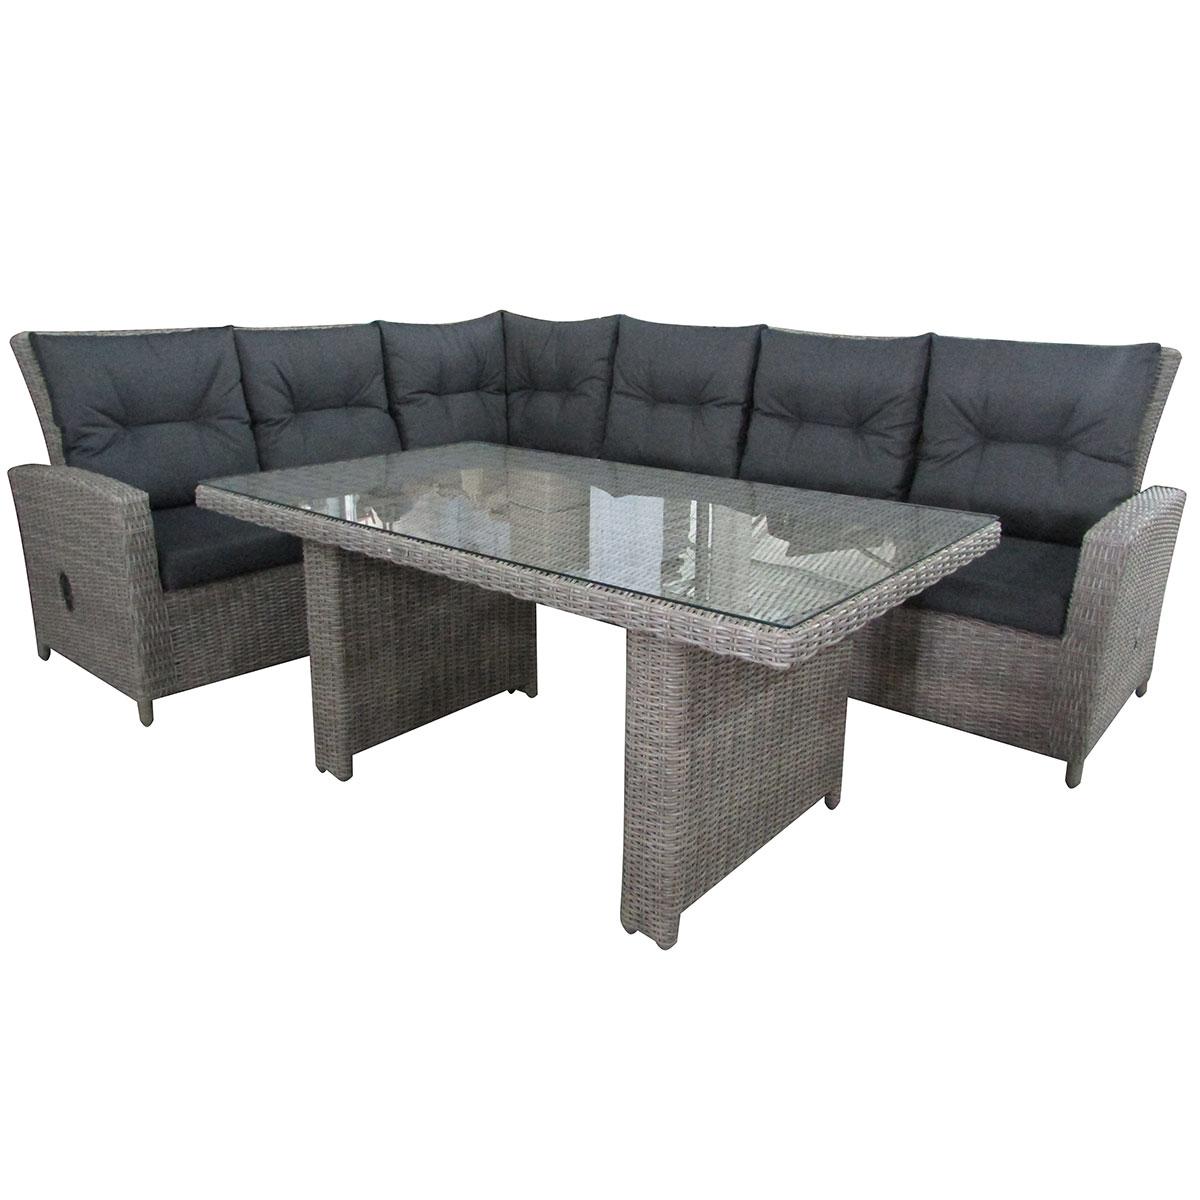 Угловой комплект San MarinoКомплекты уличной мебели<br>Угловой комплект плетеной мебели San Marino состоит двух секций и высокого обеденного стола (стеклянная столешница включена в стоимость). Особенность комплекта - регулируемые по наклону спинки секций.Каркас модели алюминиевый.Подушки включены в стоимость комплекта<br><br>Material: Искусственный ротанг